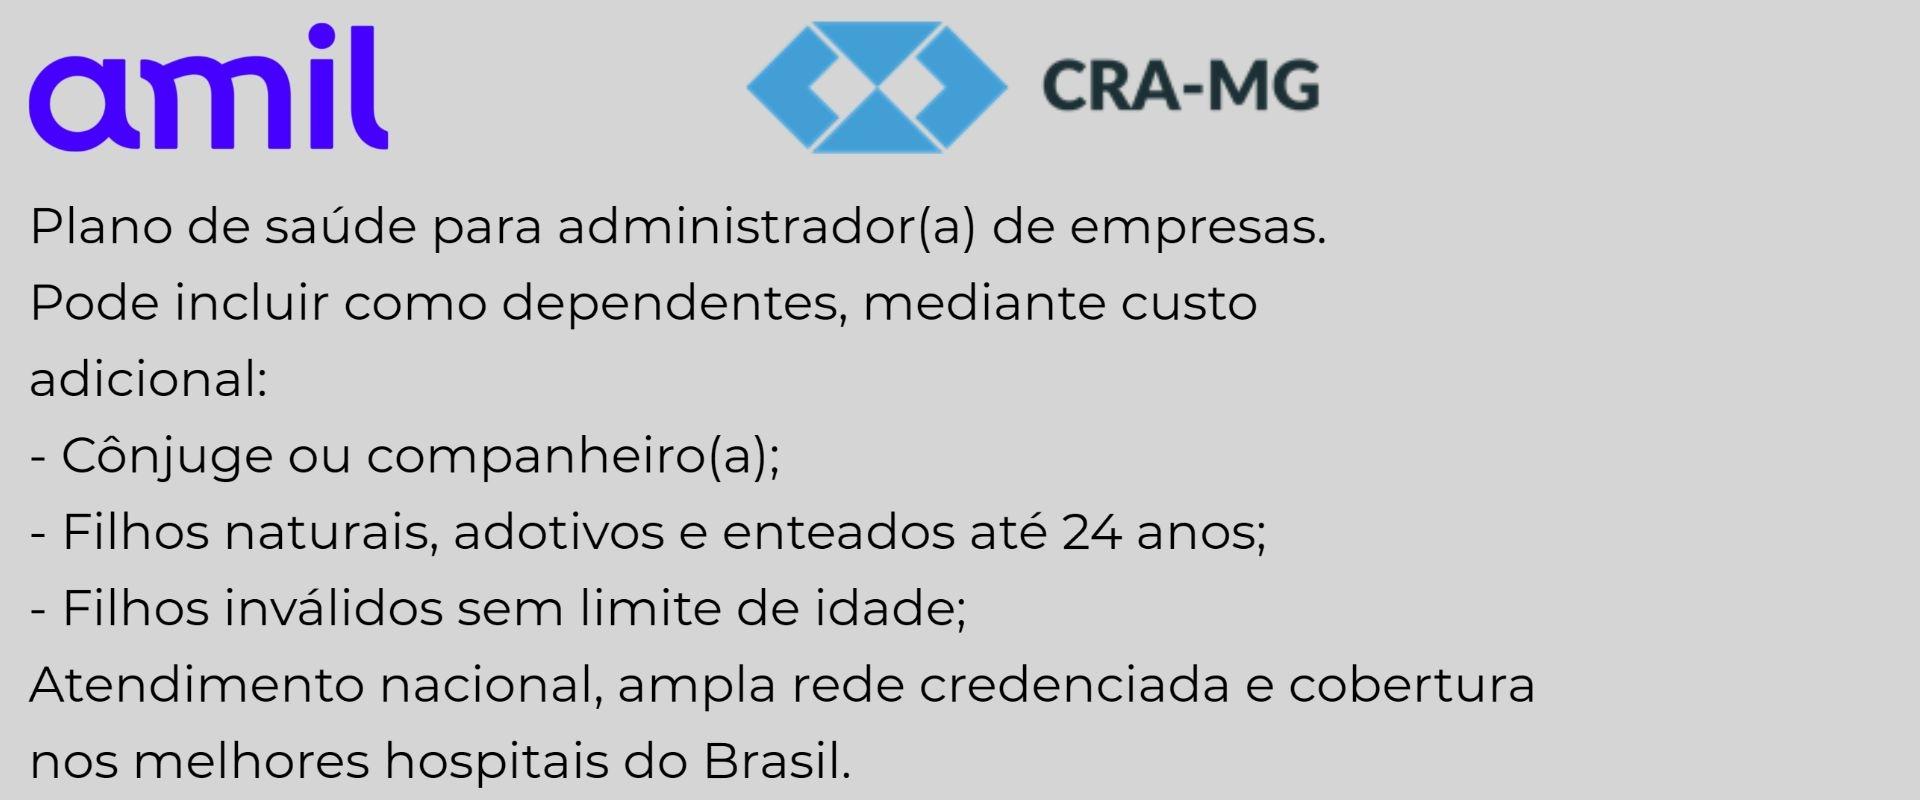 Amil CRA-MG